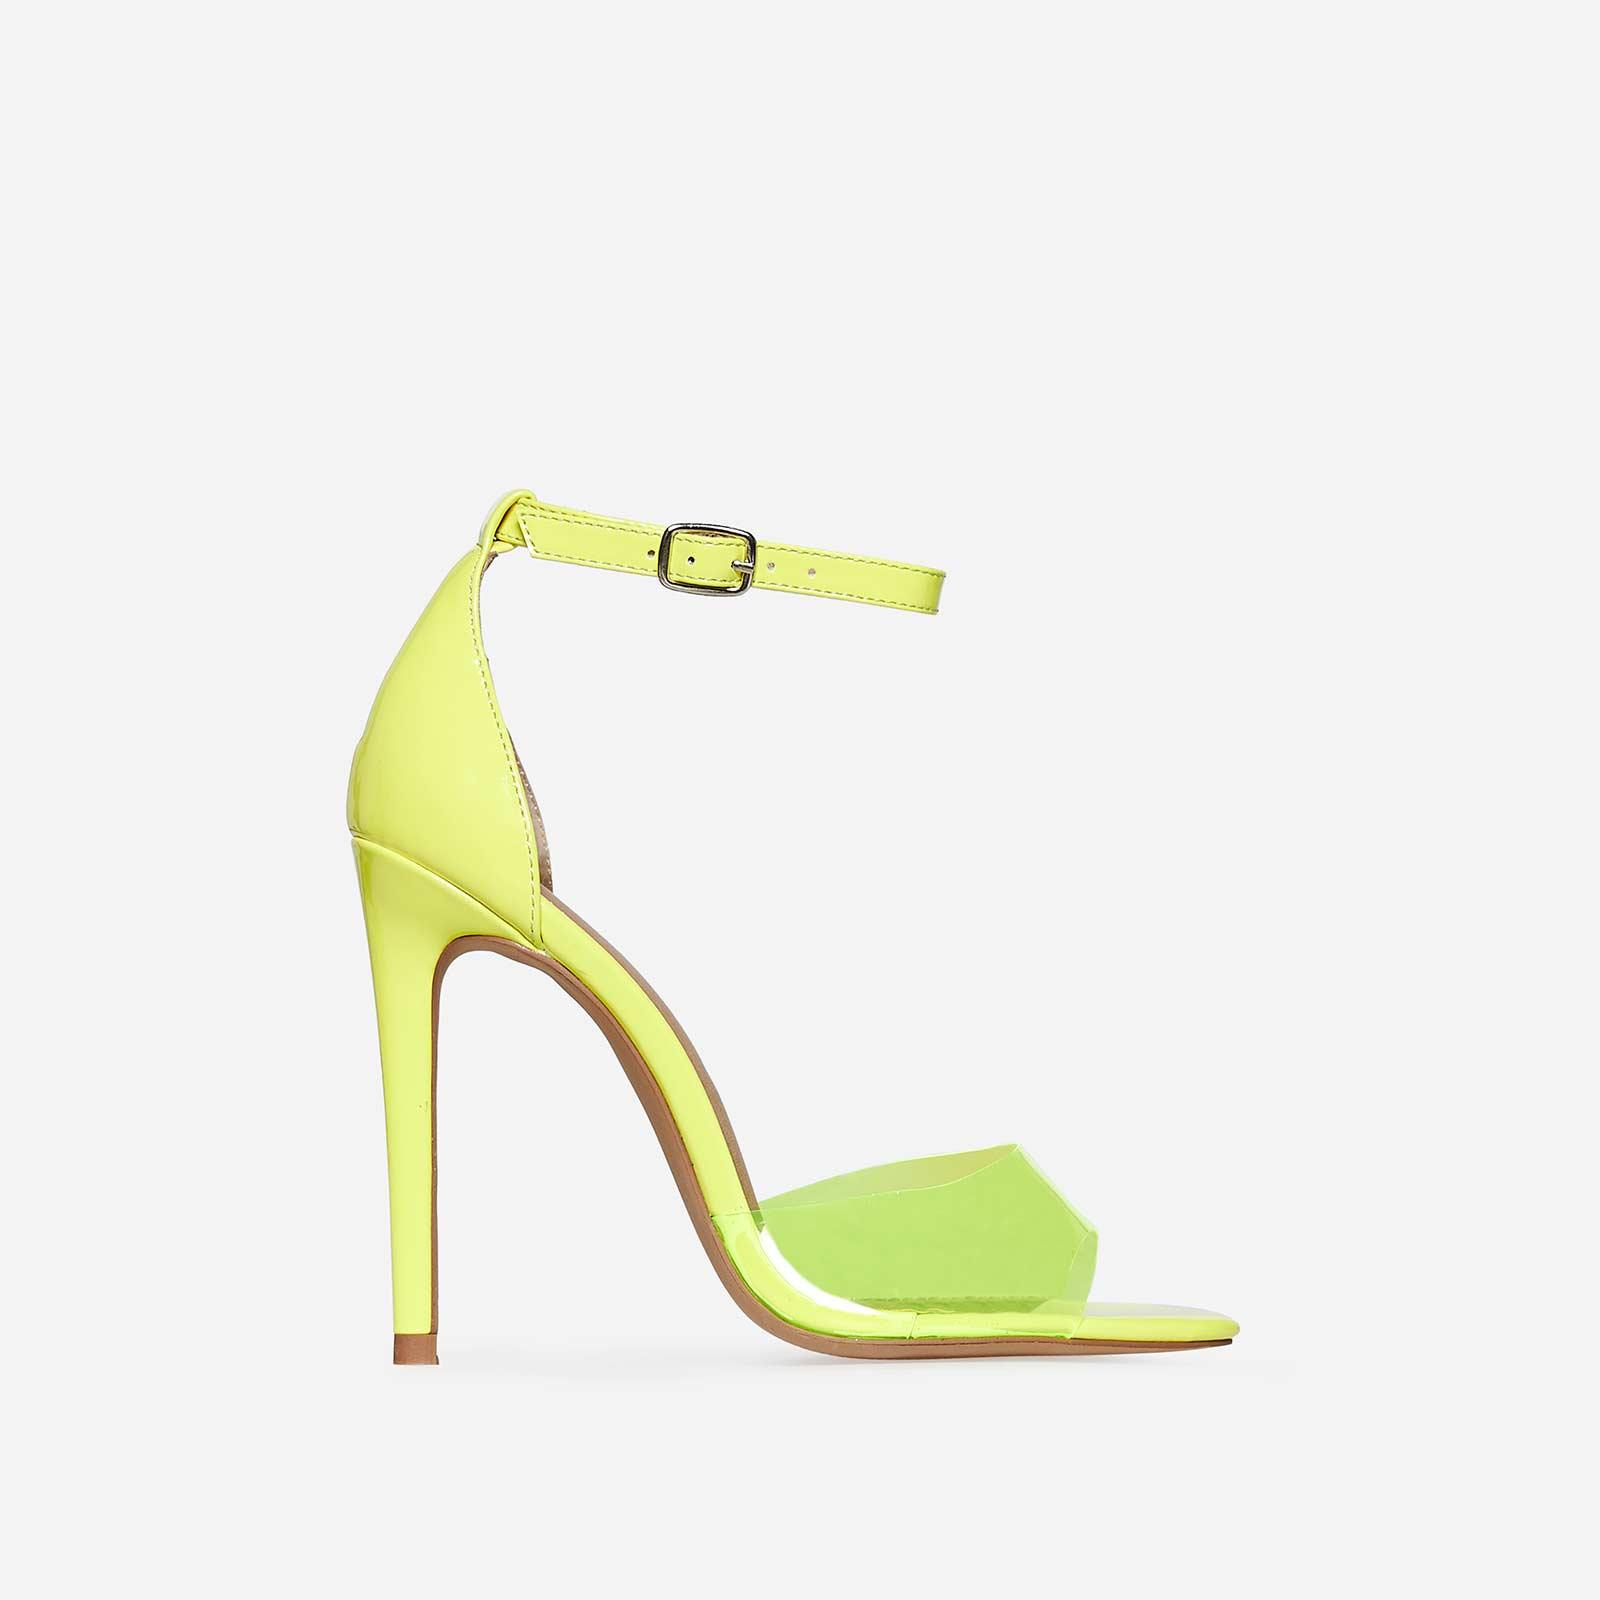 Gabi Peep Toe Perspex Heel In Yellow Patent